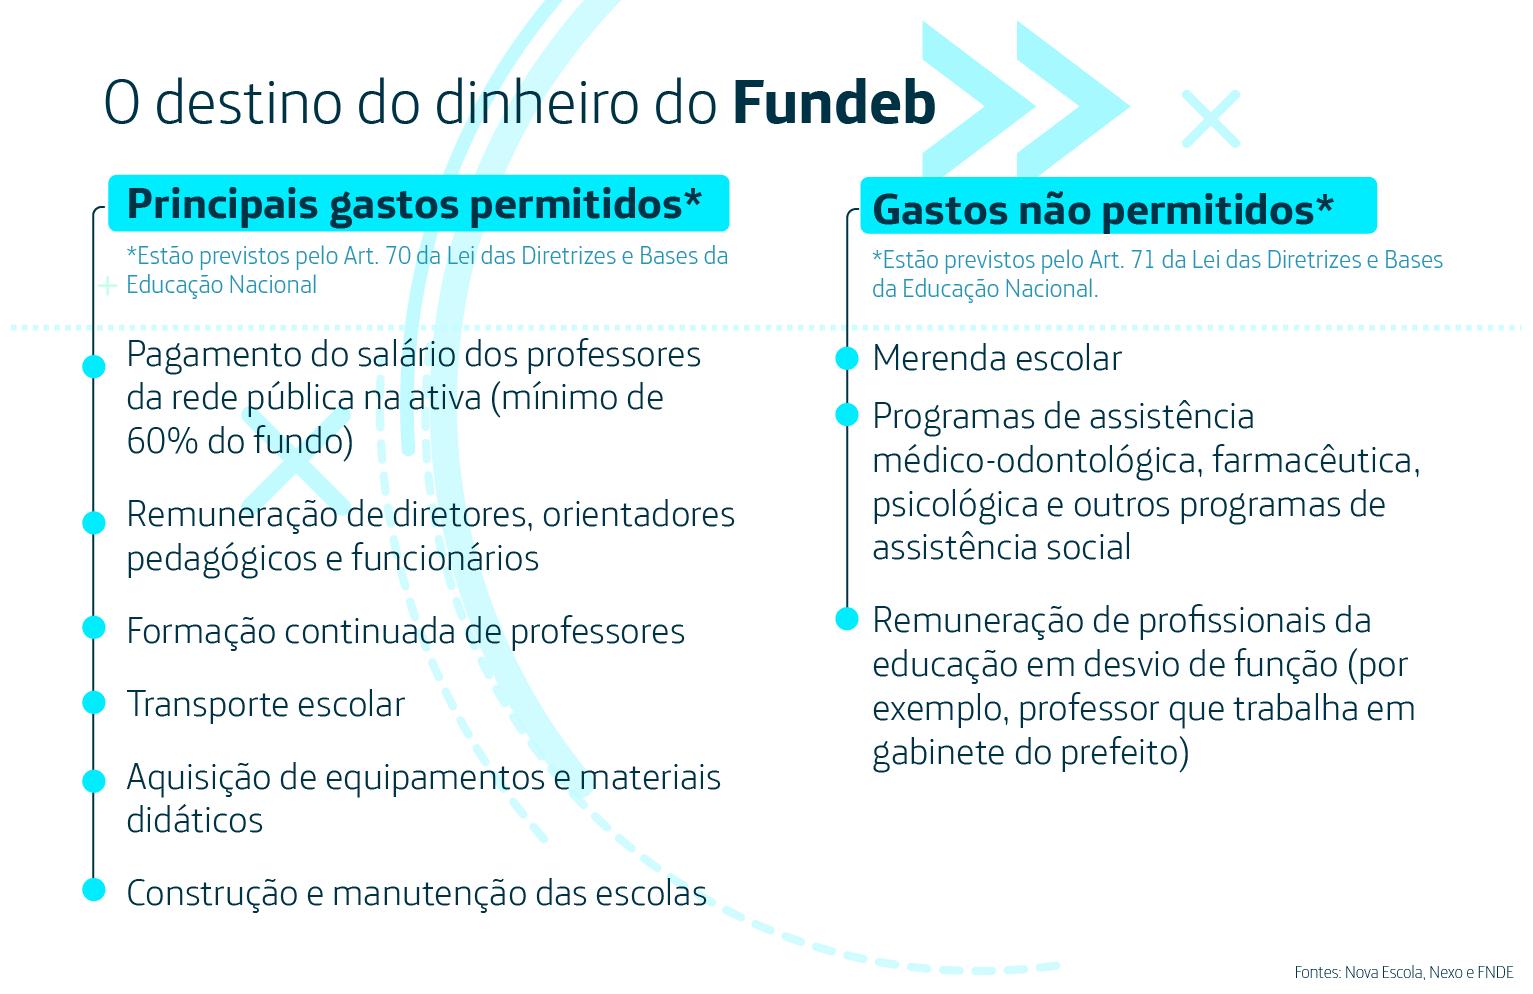 Infográfico de gastos permitidos e gastos não permitidos do Fundeb